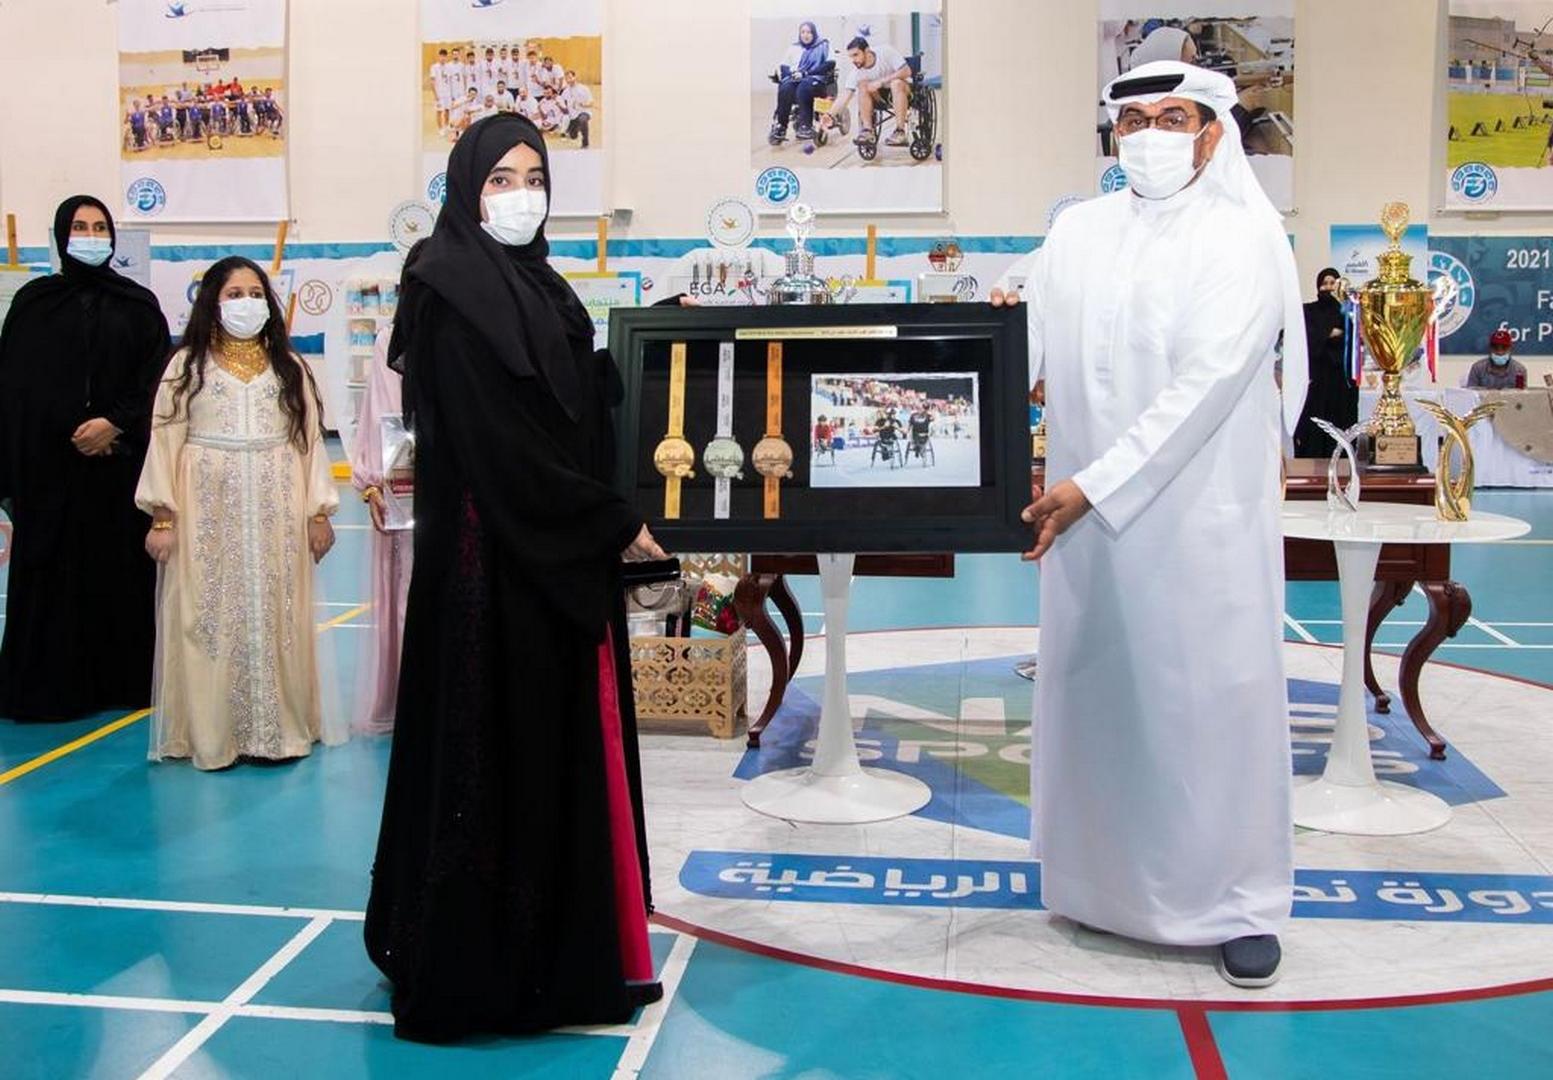 لطيفة بنت حمدان: أتطلع لزيارة أصحاب الهمم مرة أخرى متمنية لهم المزيد من النجاحات والازدهار